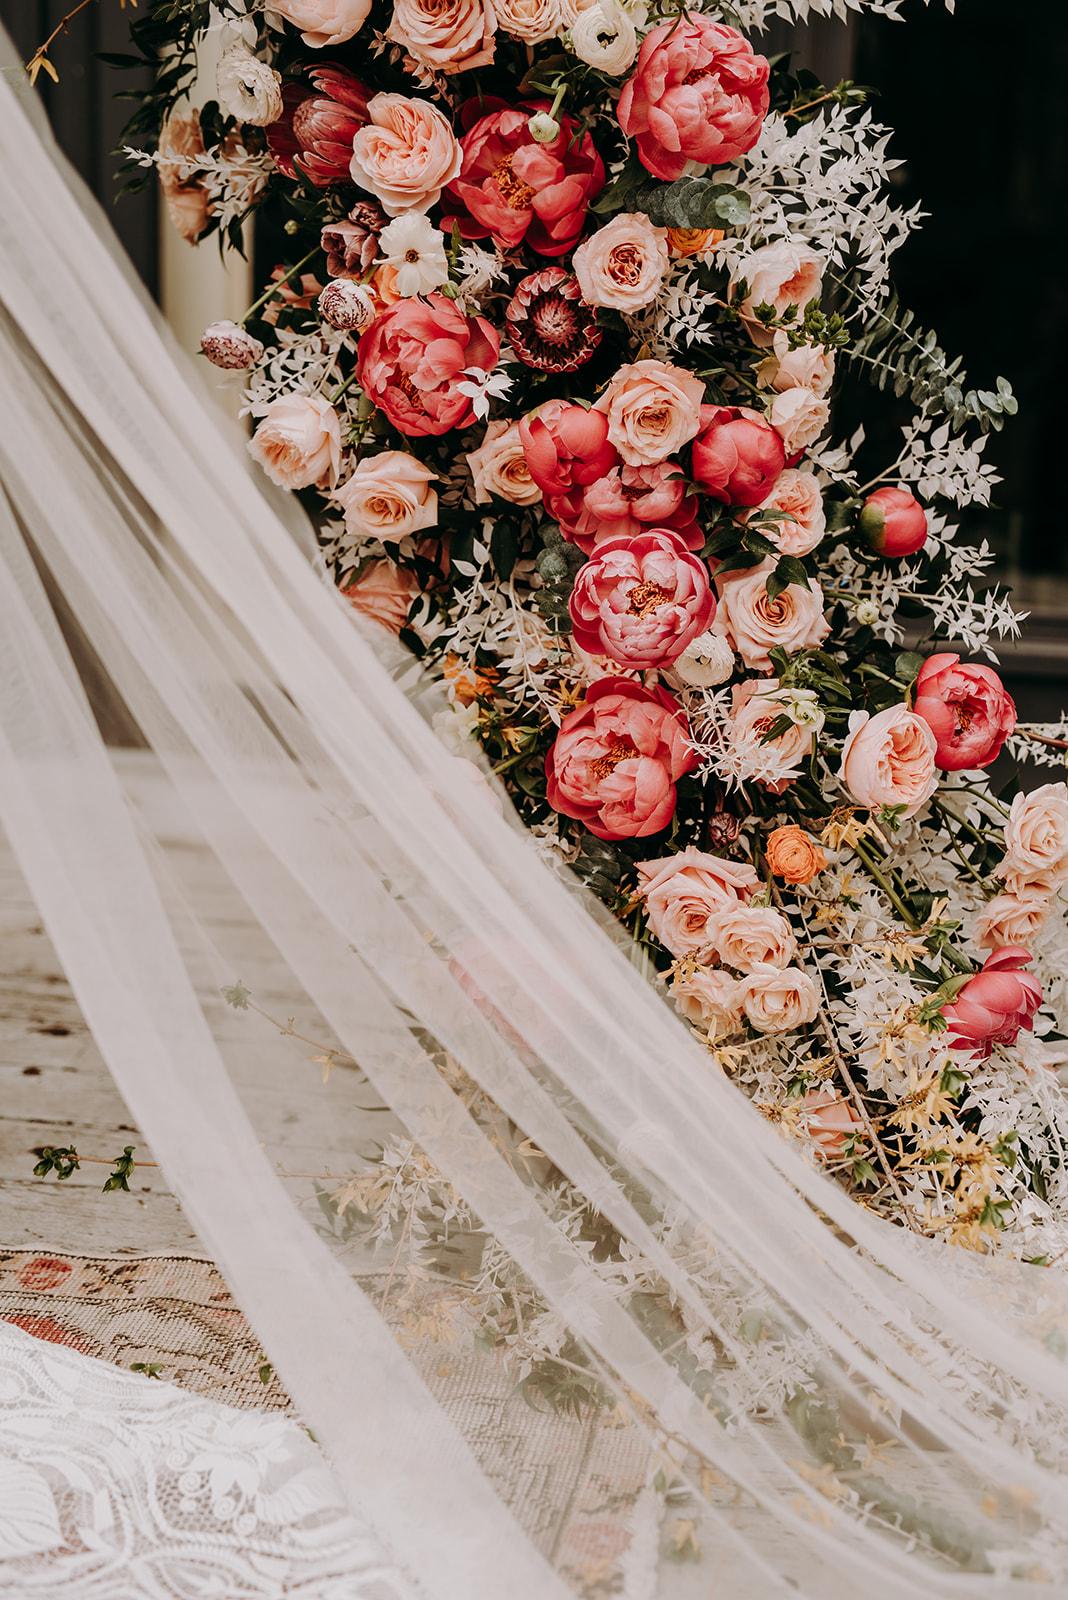 Bride Veil & Flowers.jpg